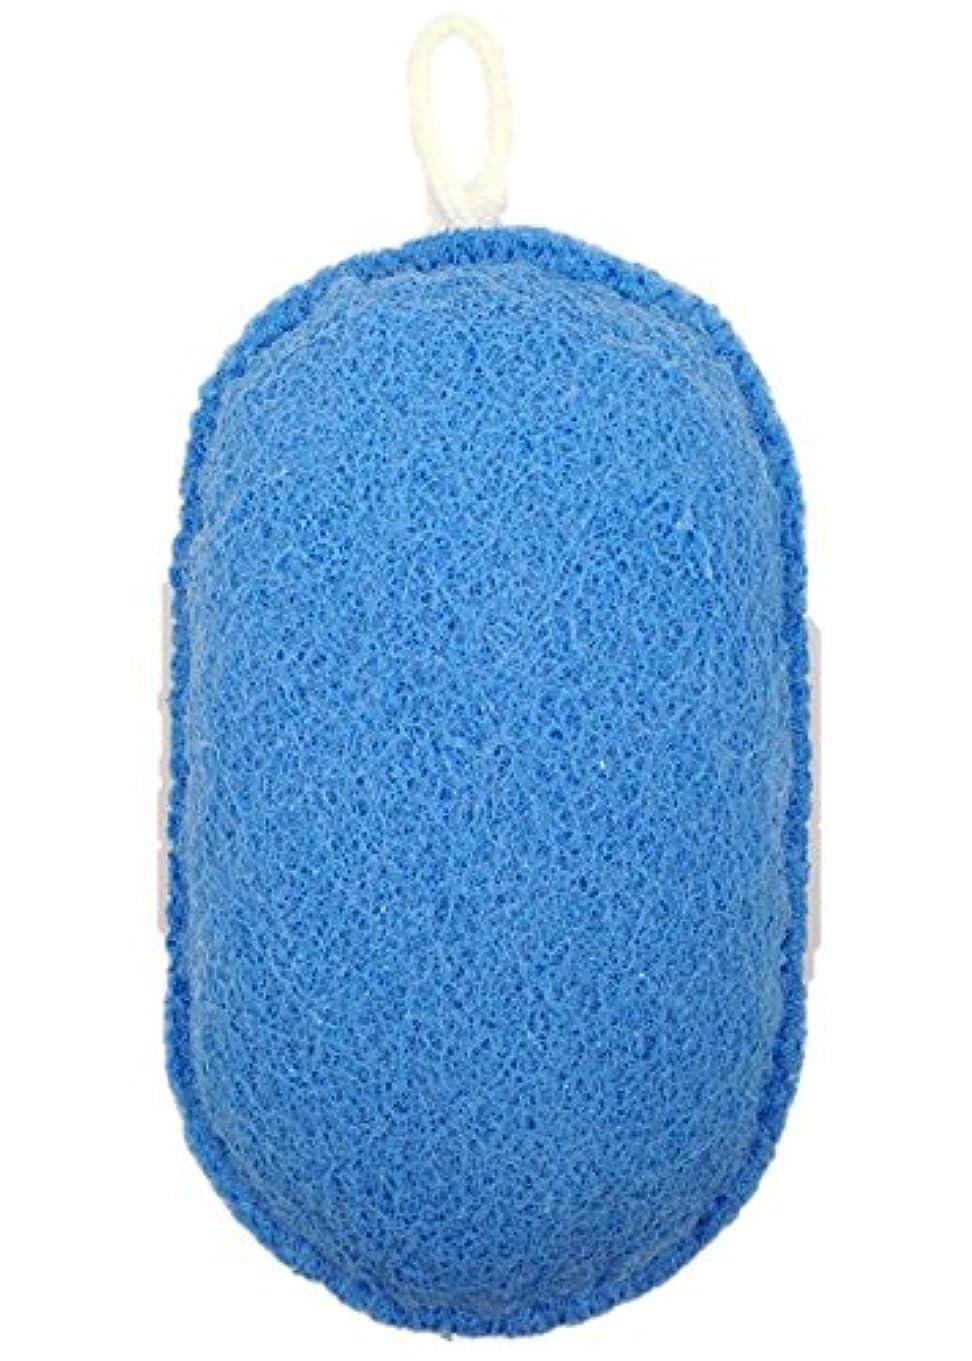 ジェムピービッシュ小道具オーエ ボディスポンジ ブルー 約縦14.5×横9.5×奥行5cm nf ヘチマボール 体洗い 泡立ち